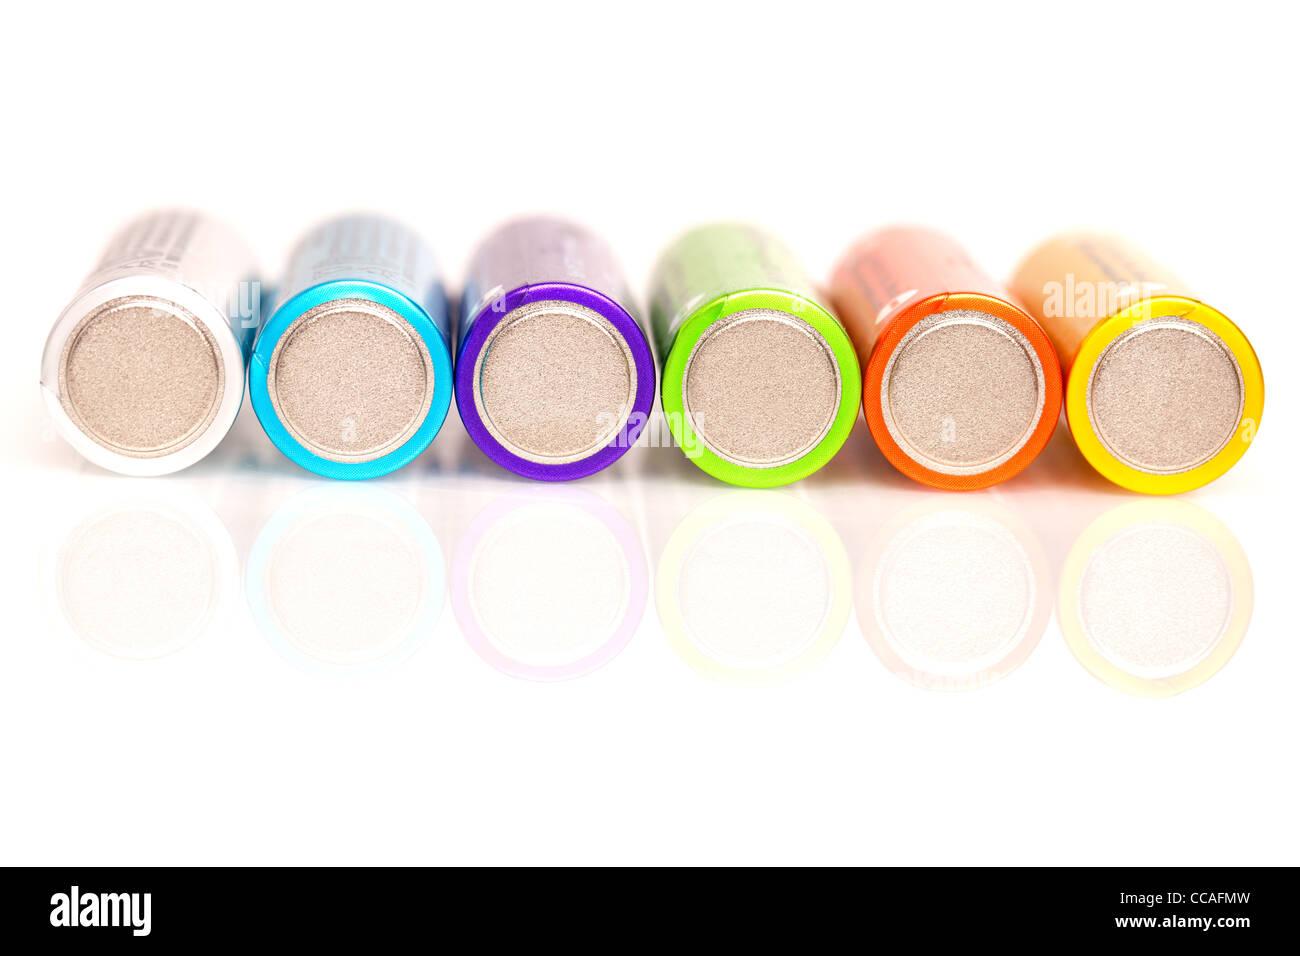 macro shot of colorful batteries - Stock Image